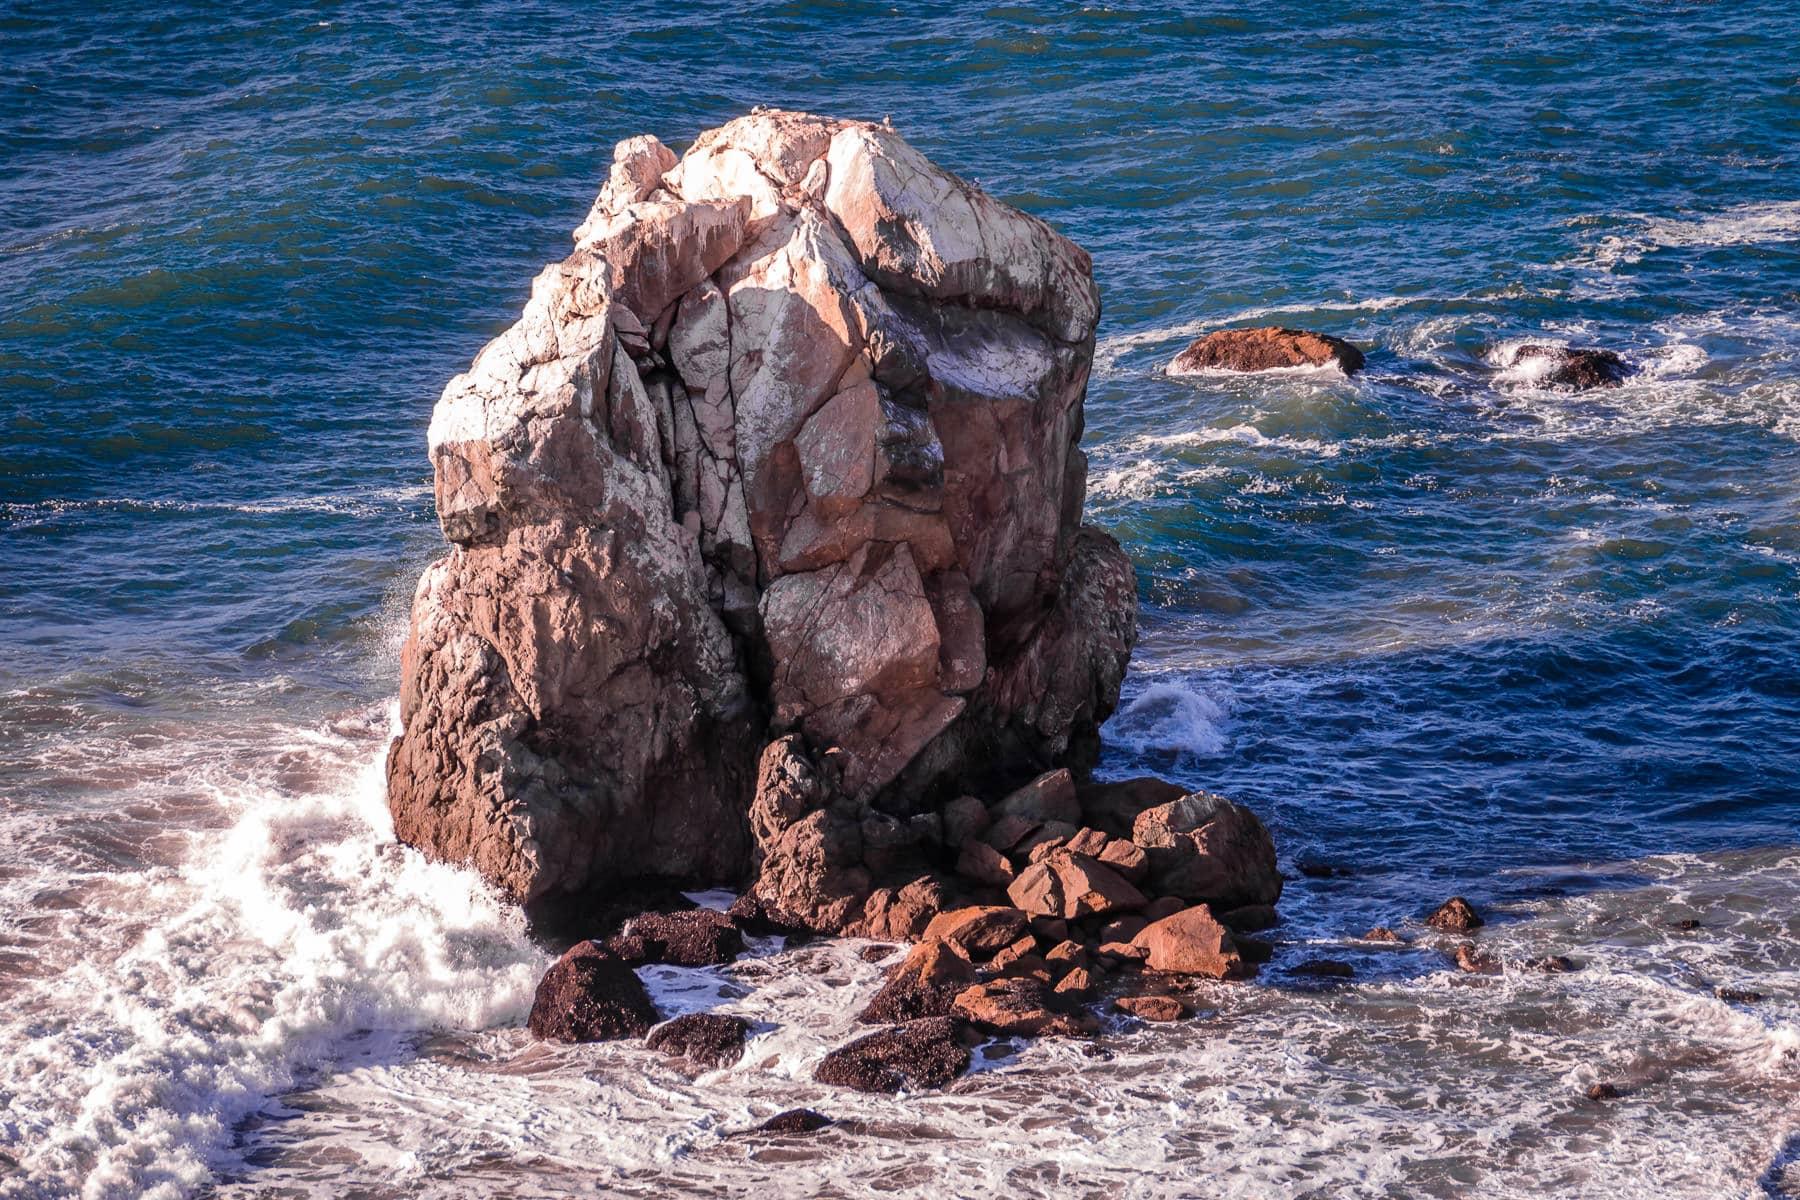 Waves crash onto rocks at San Francisco's Lands End.